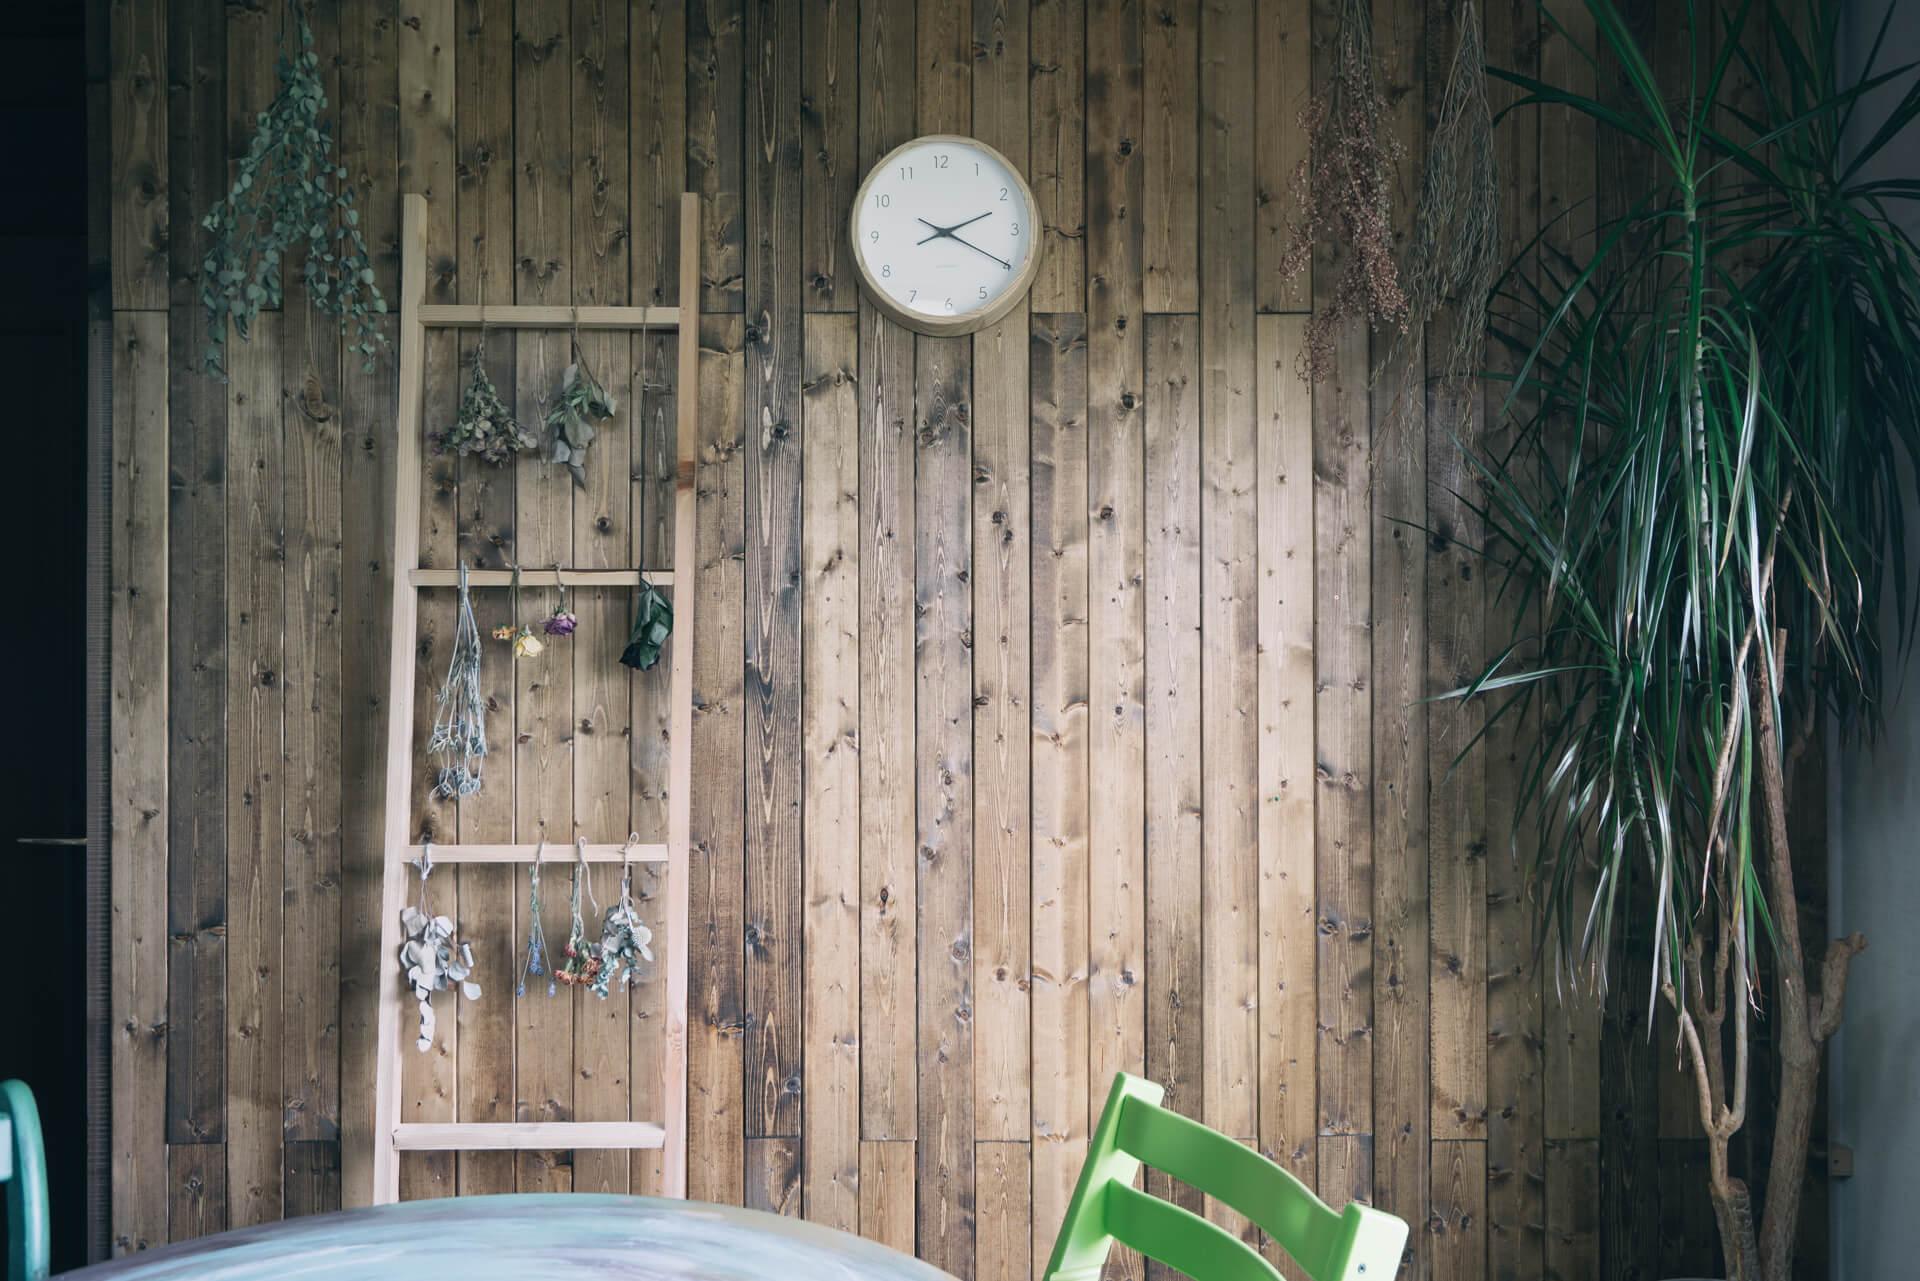 反対側の壁には、木材を貼って。部屋の中でも森を感じられるインテリアです。